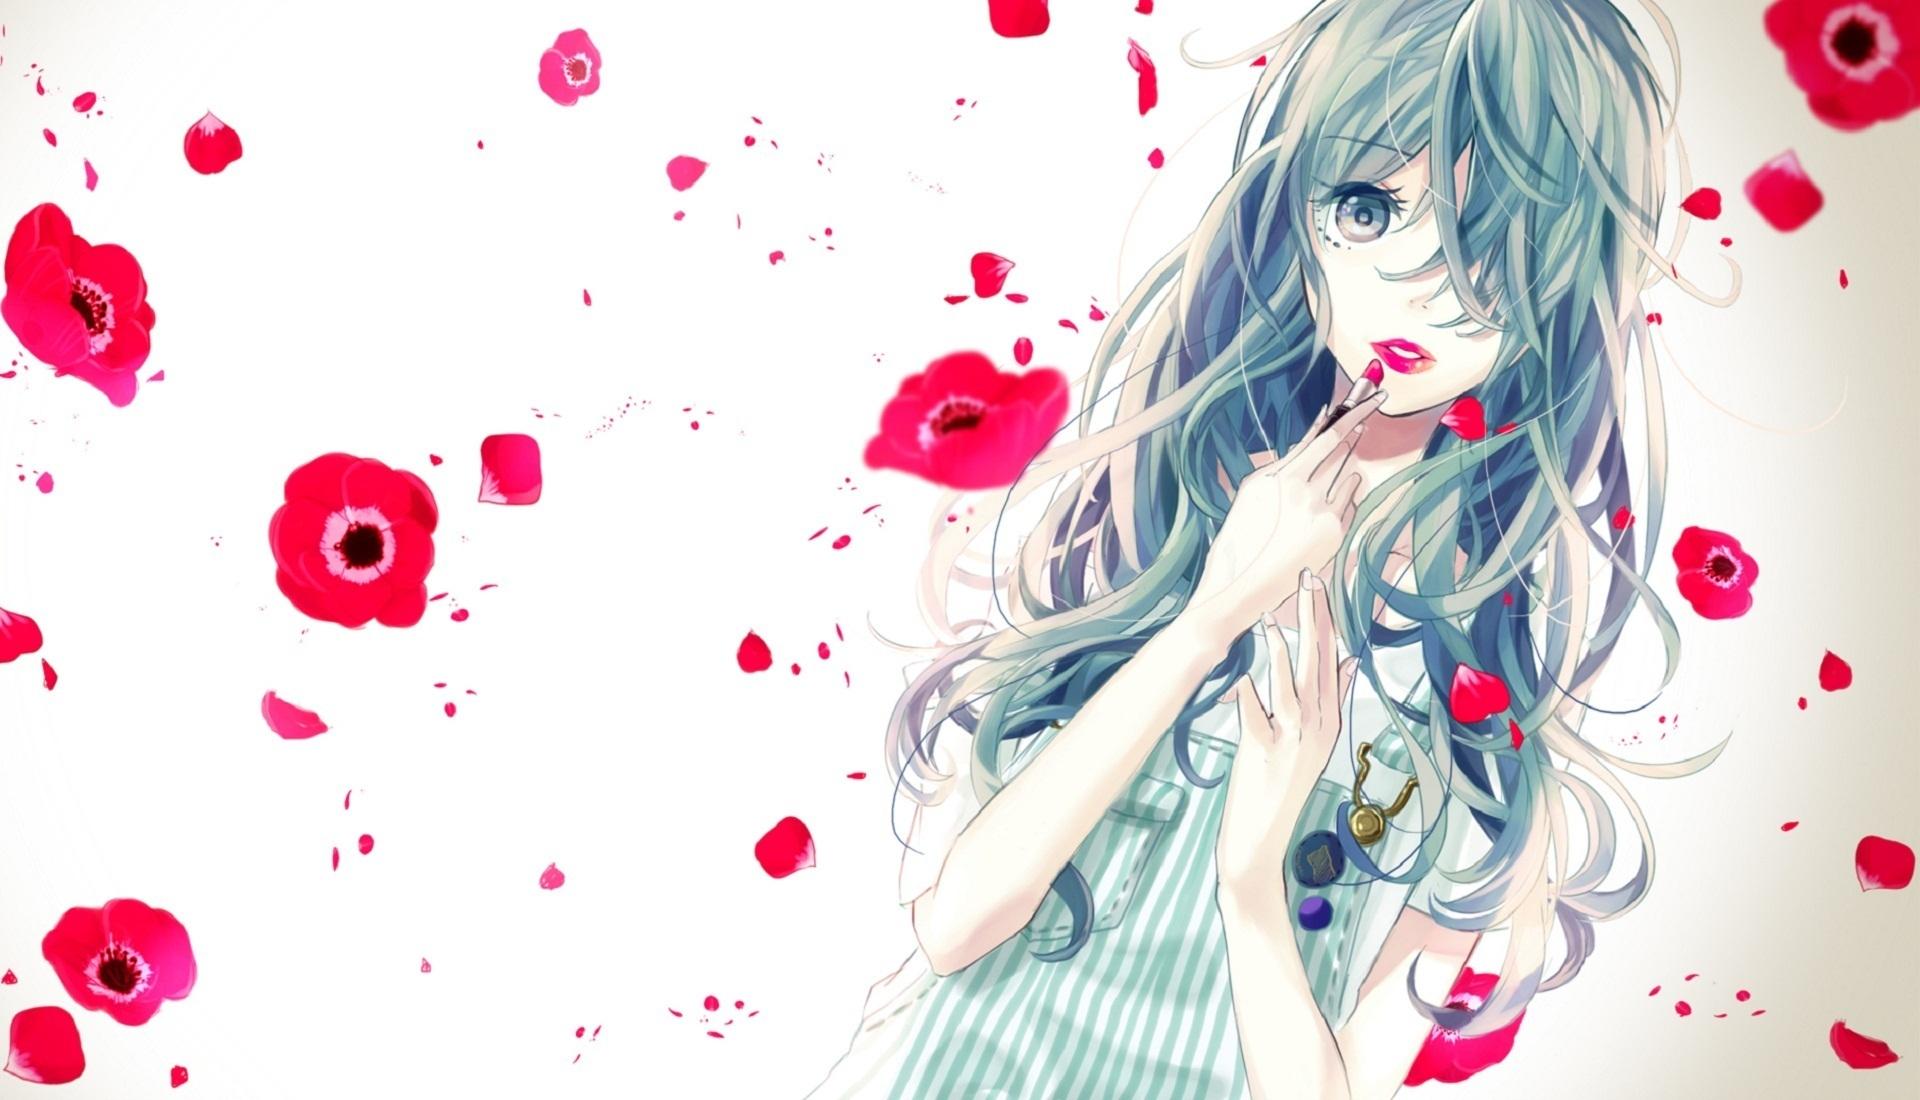 Cute Anime Girl Wallpaper Anime Amp Manga Wallpaper ...